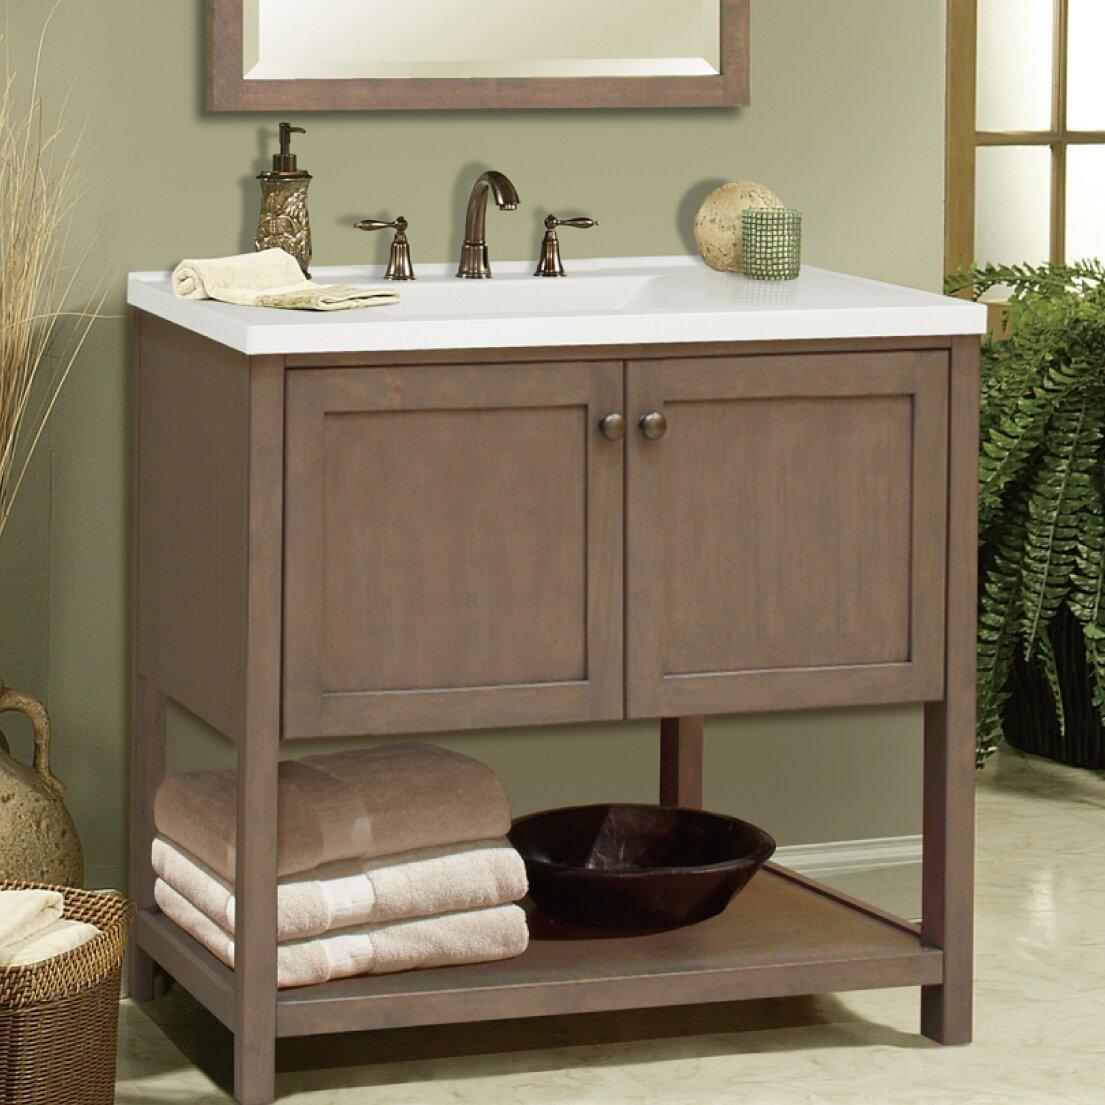 Sunnywood Kitchen Cabinets Sunny Wood Madison Kitchen Cabinets  Bar Cabinet